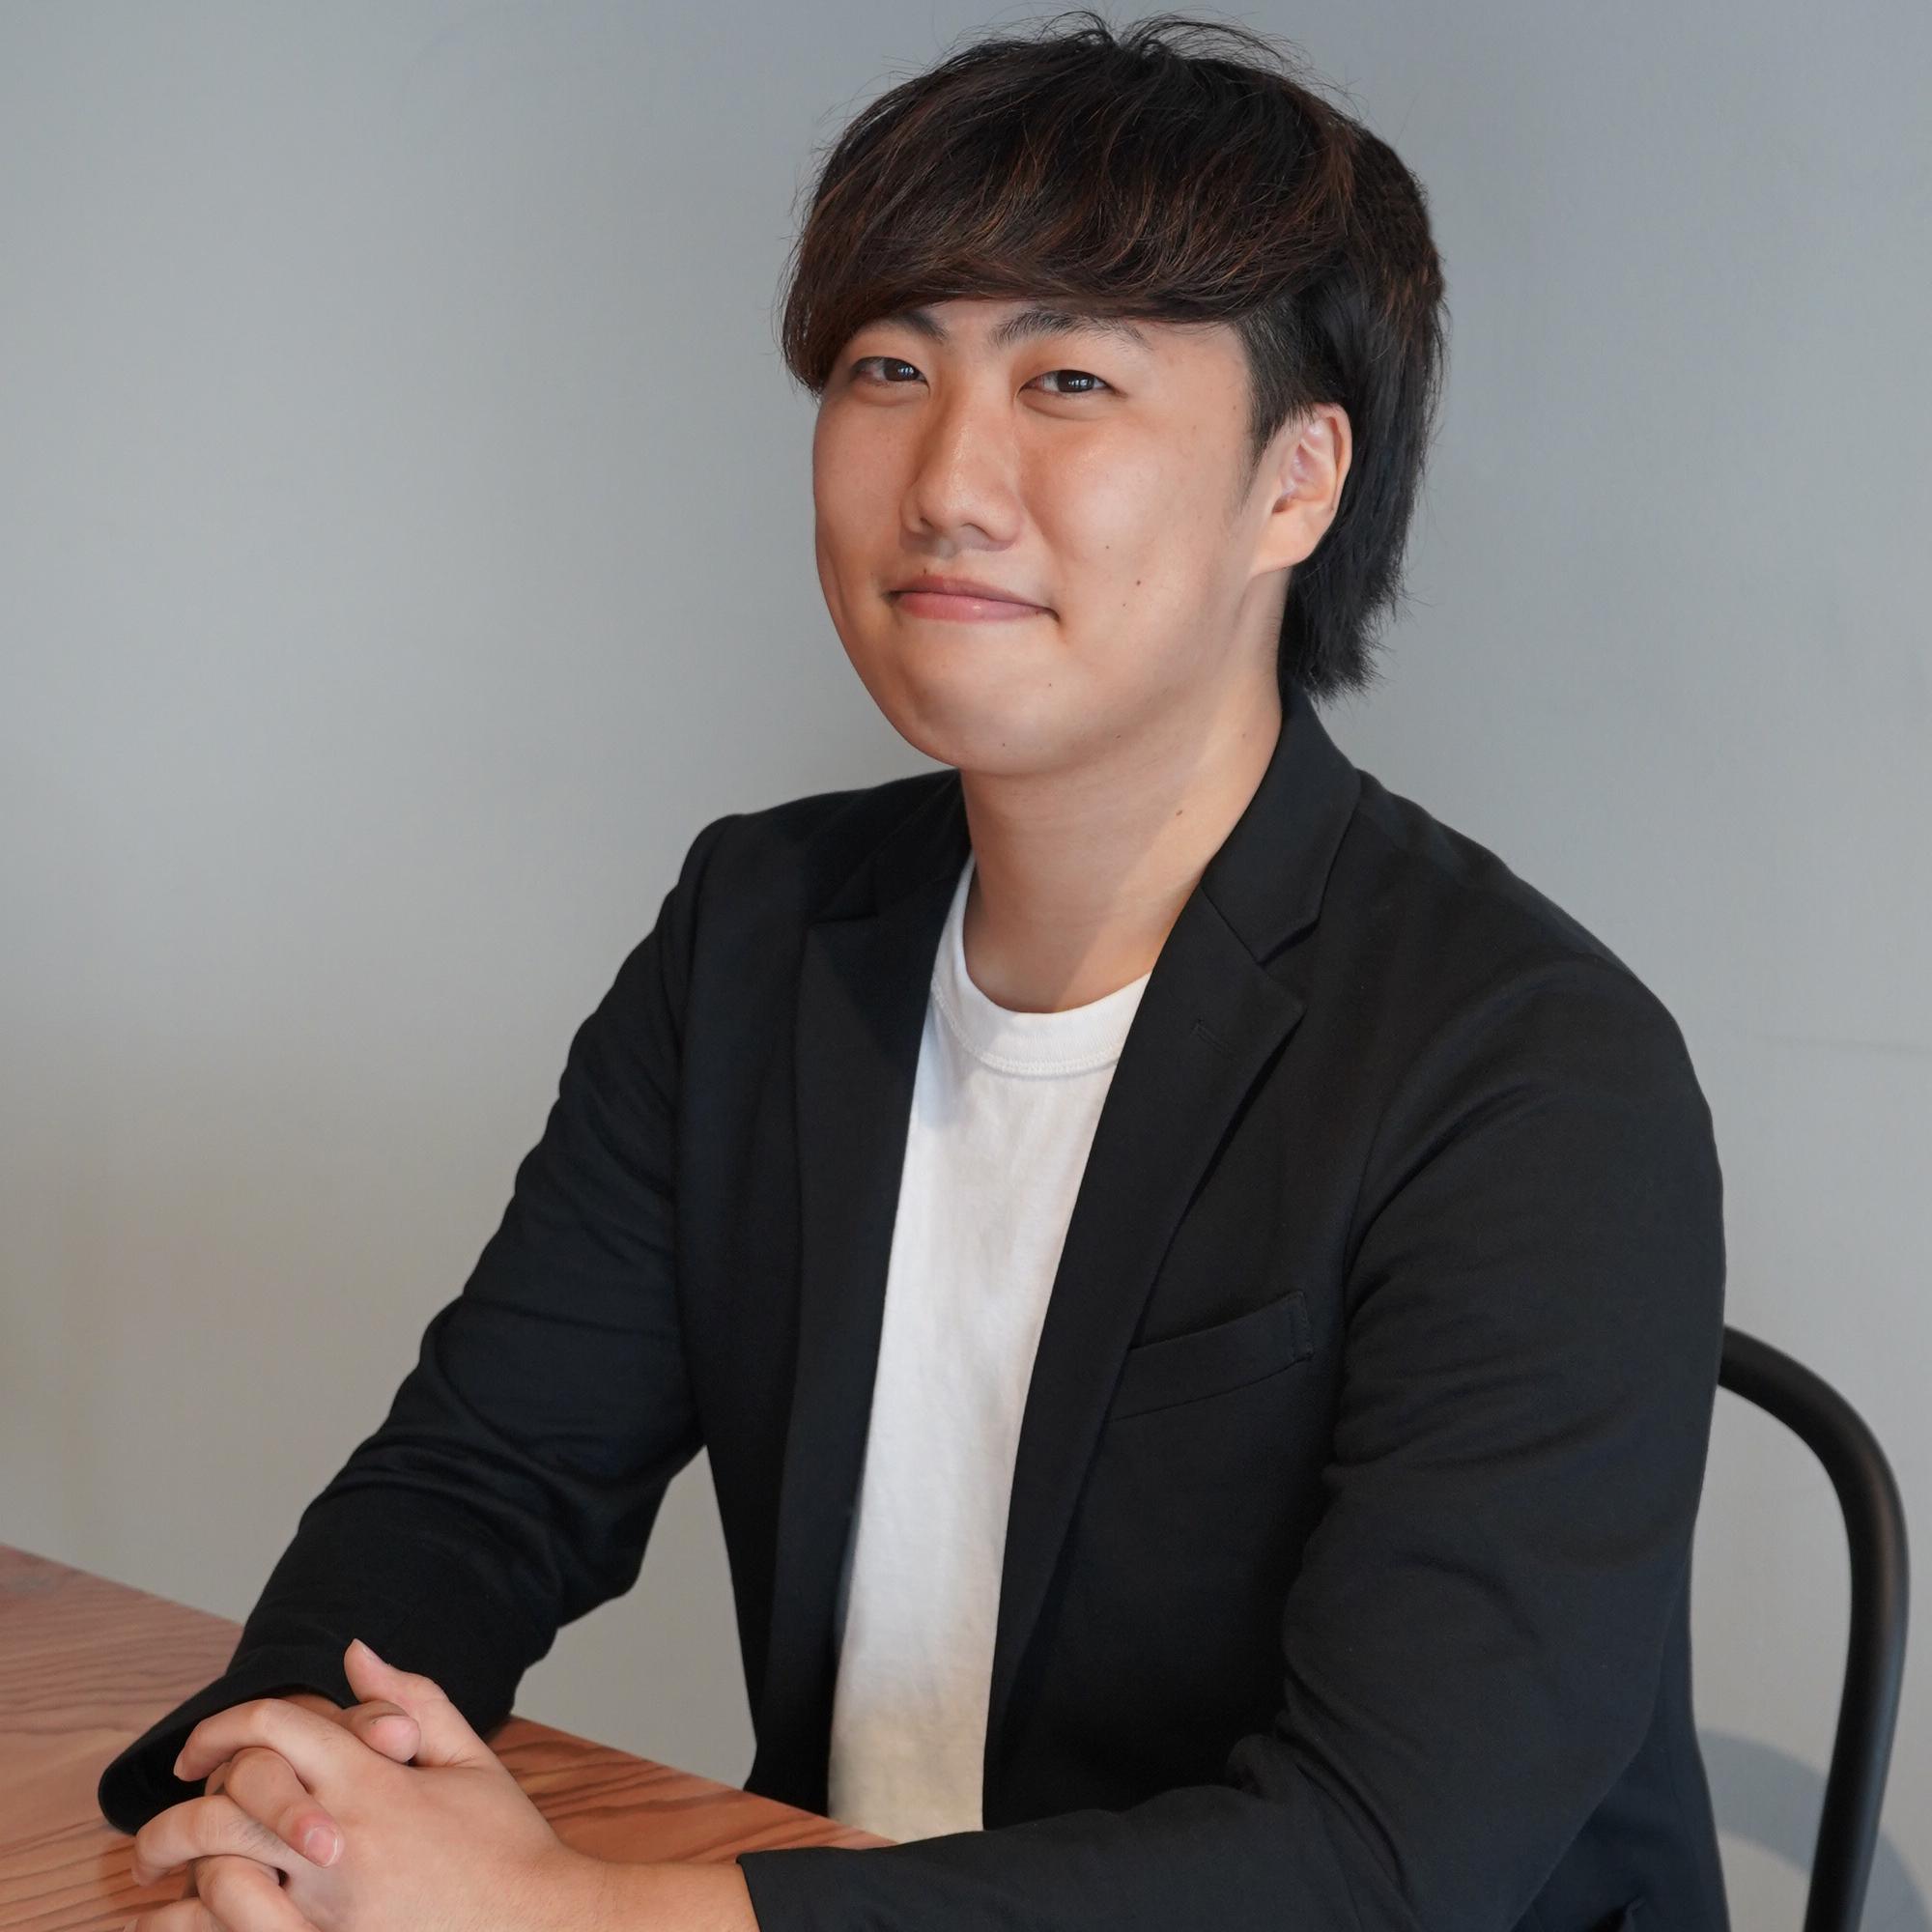 Ryo Tanizawa